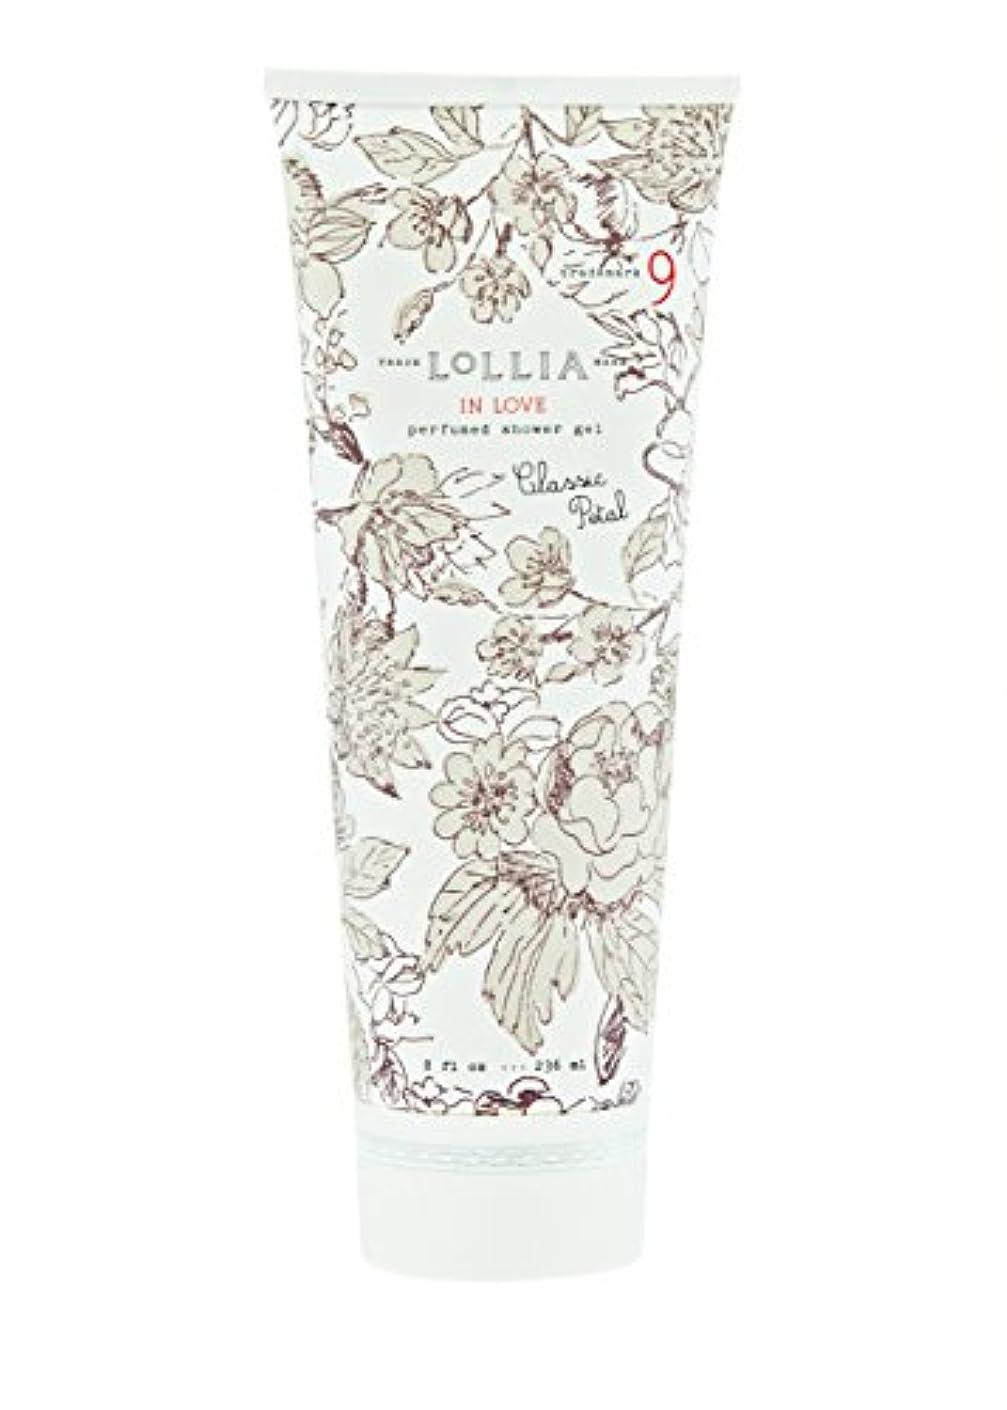 ペインティングする必要がある渇きロリア(LoLLIA) パフュームドシャワージェル InLove 236ml(全身用洗浄料 ボディーソープ アップルブロッサム、ジャスミン、ローズのフルーティで爽やかな香り)